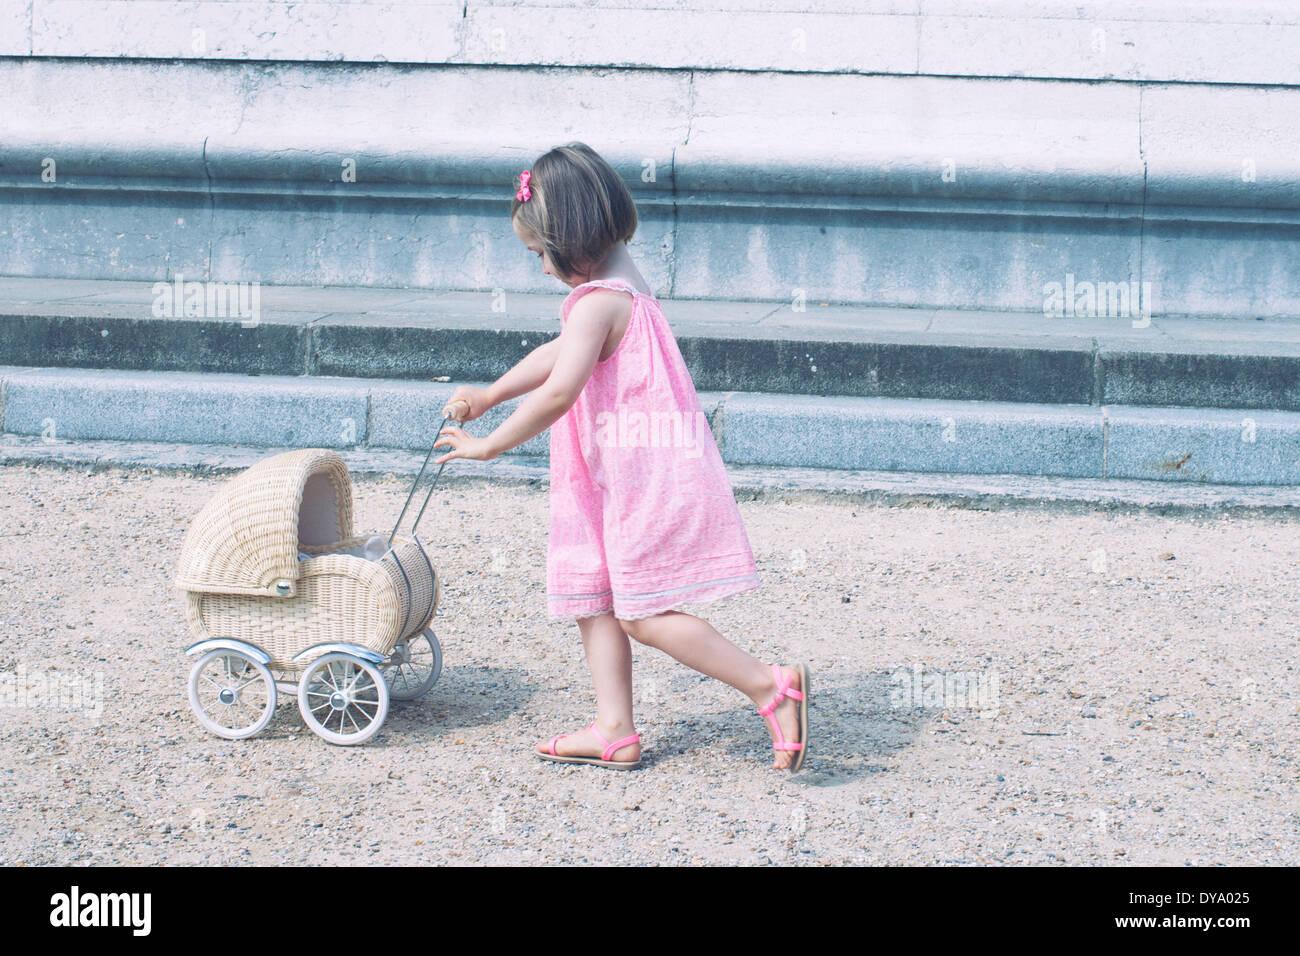 Kleines Mädchen Miniatur Kinderwagen schieben Stockfoto